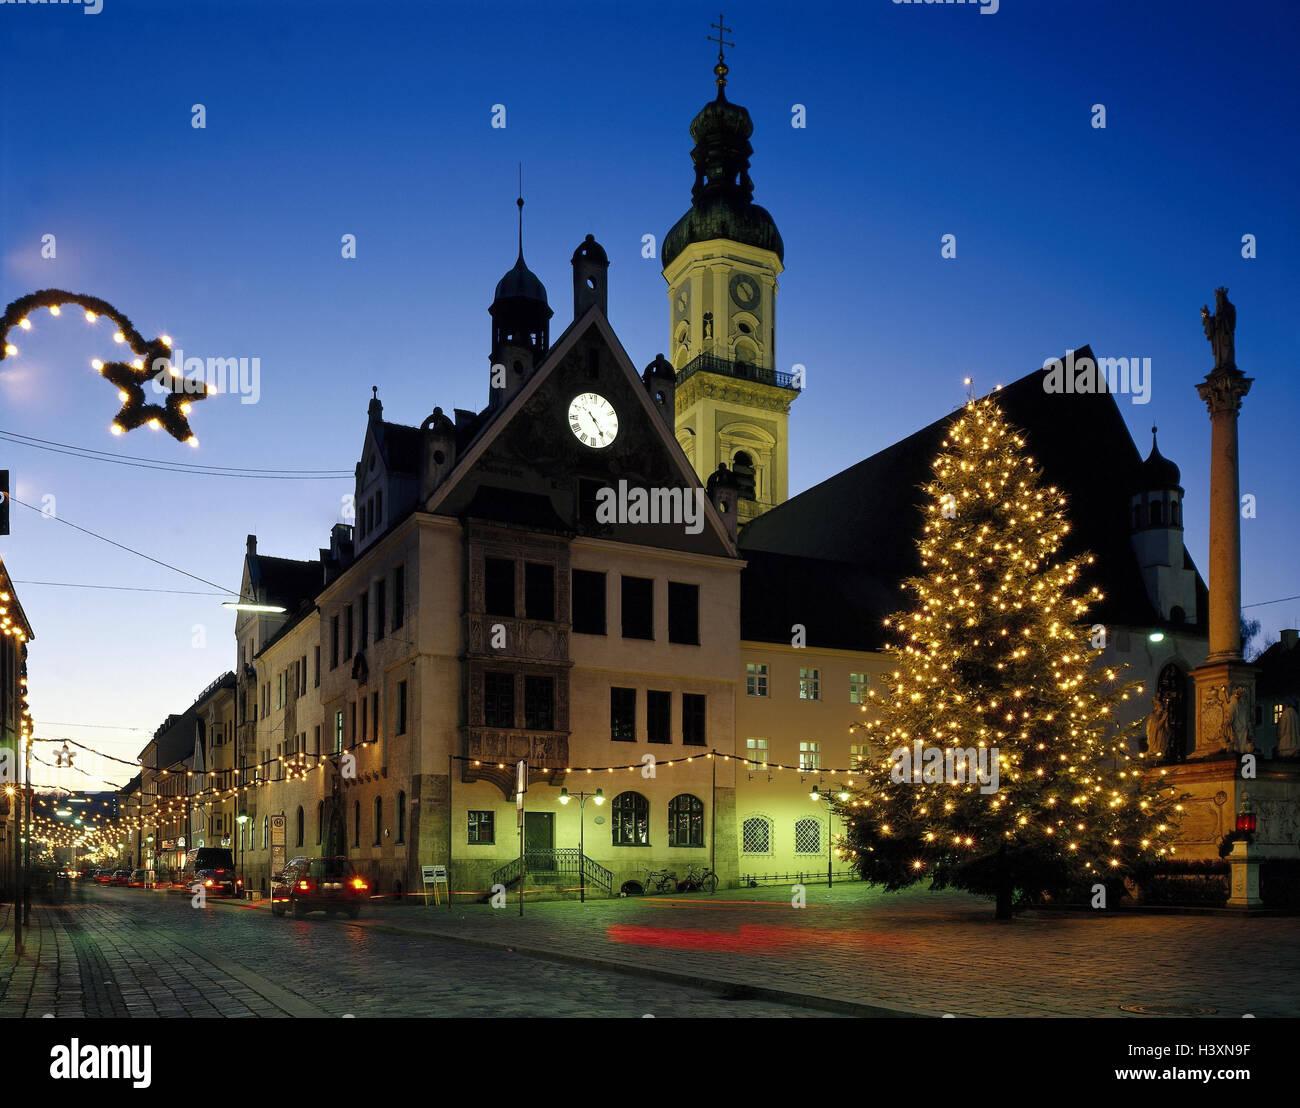 Weihnachtsbeleuchtung Für Draußen.Deutschland Bayern Freising Marienplatz Weihnachtsbeleuchtung